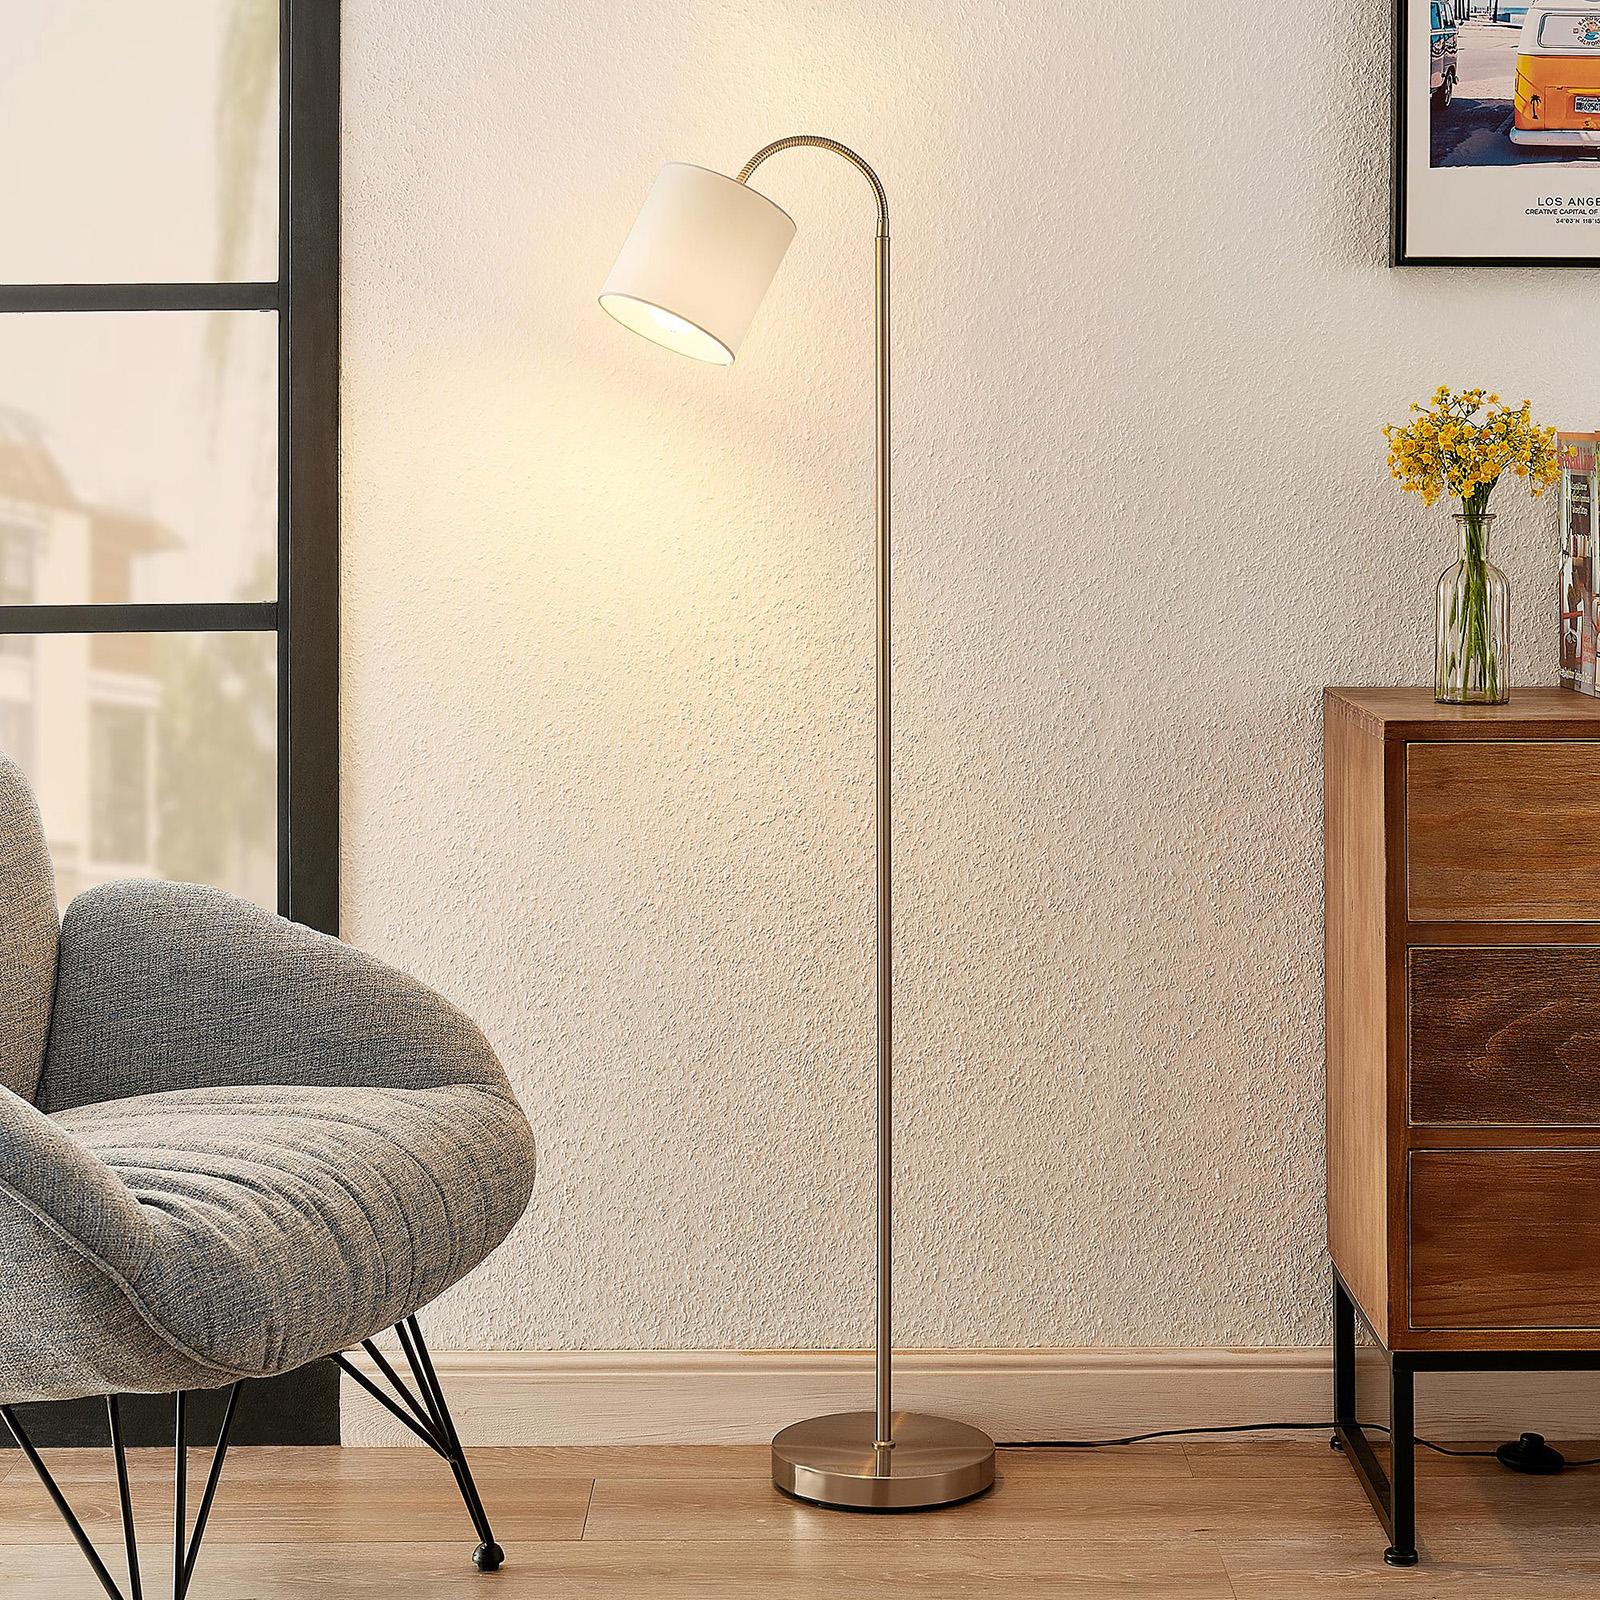 Lindby Manu gulvlampe, stoff, 1 lyskilde, hvit